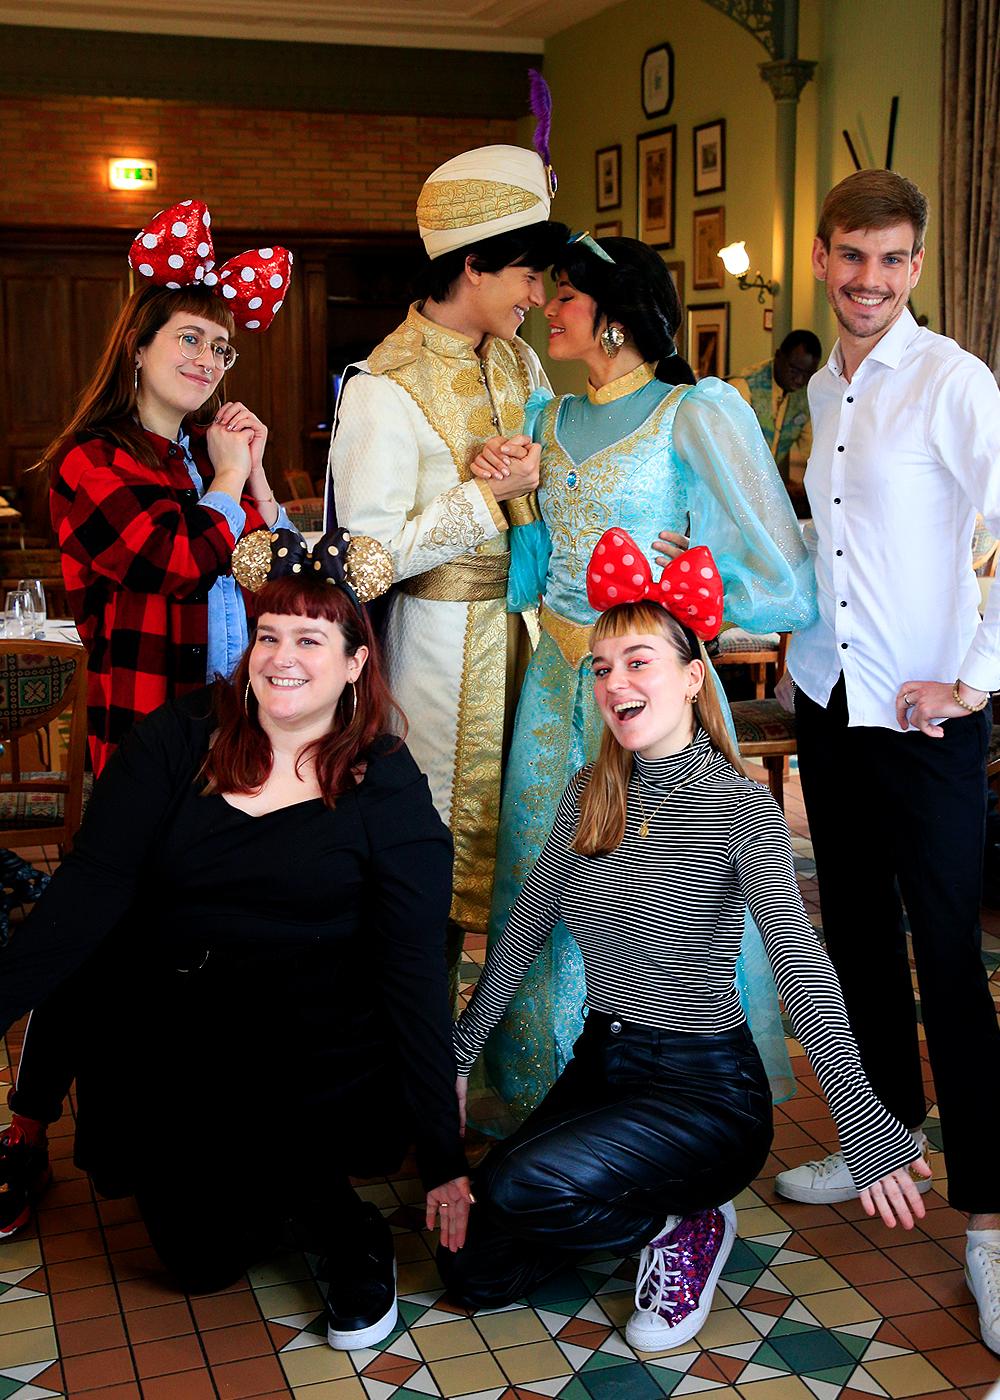 [Trip Report DLP] ÉPISODE BONUS : A Whole New World au Disneyland Hotel - Page 2 Brunch_11